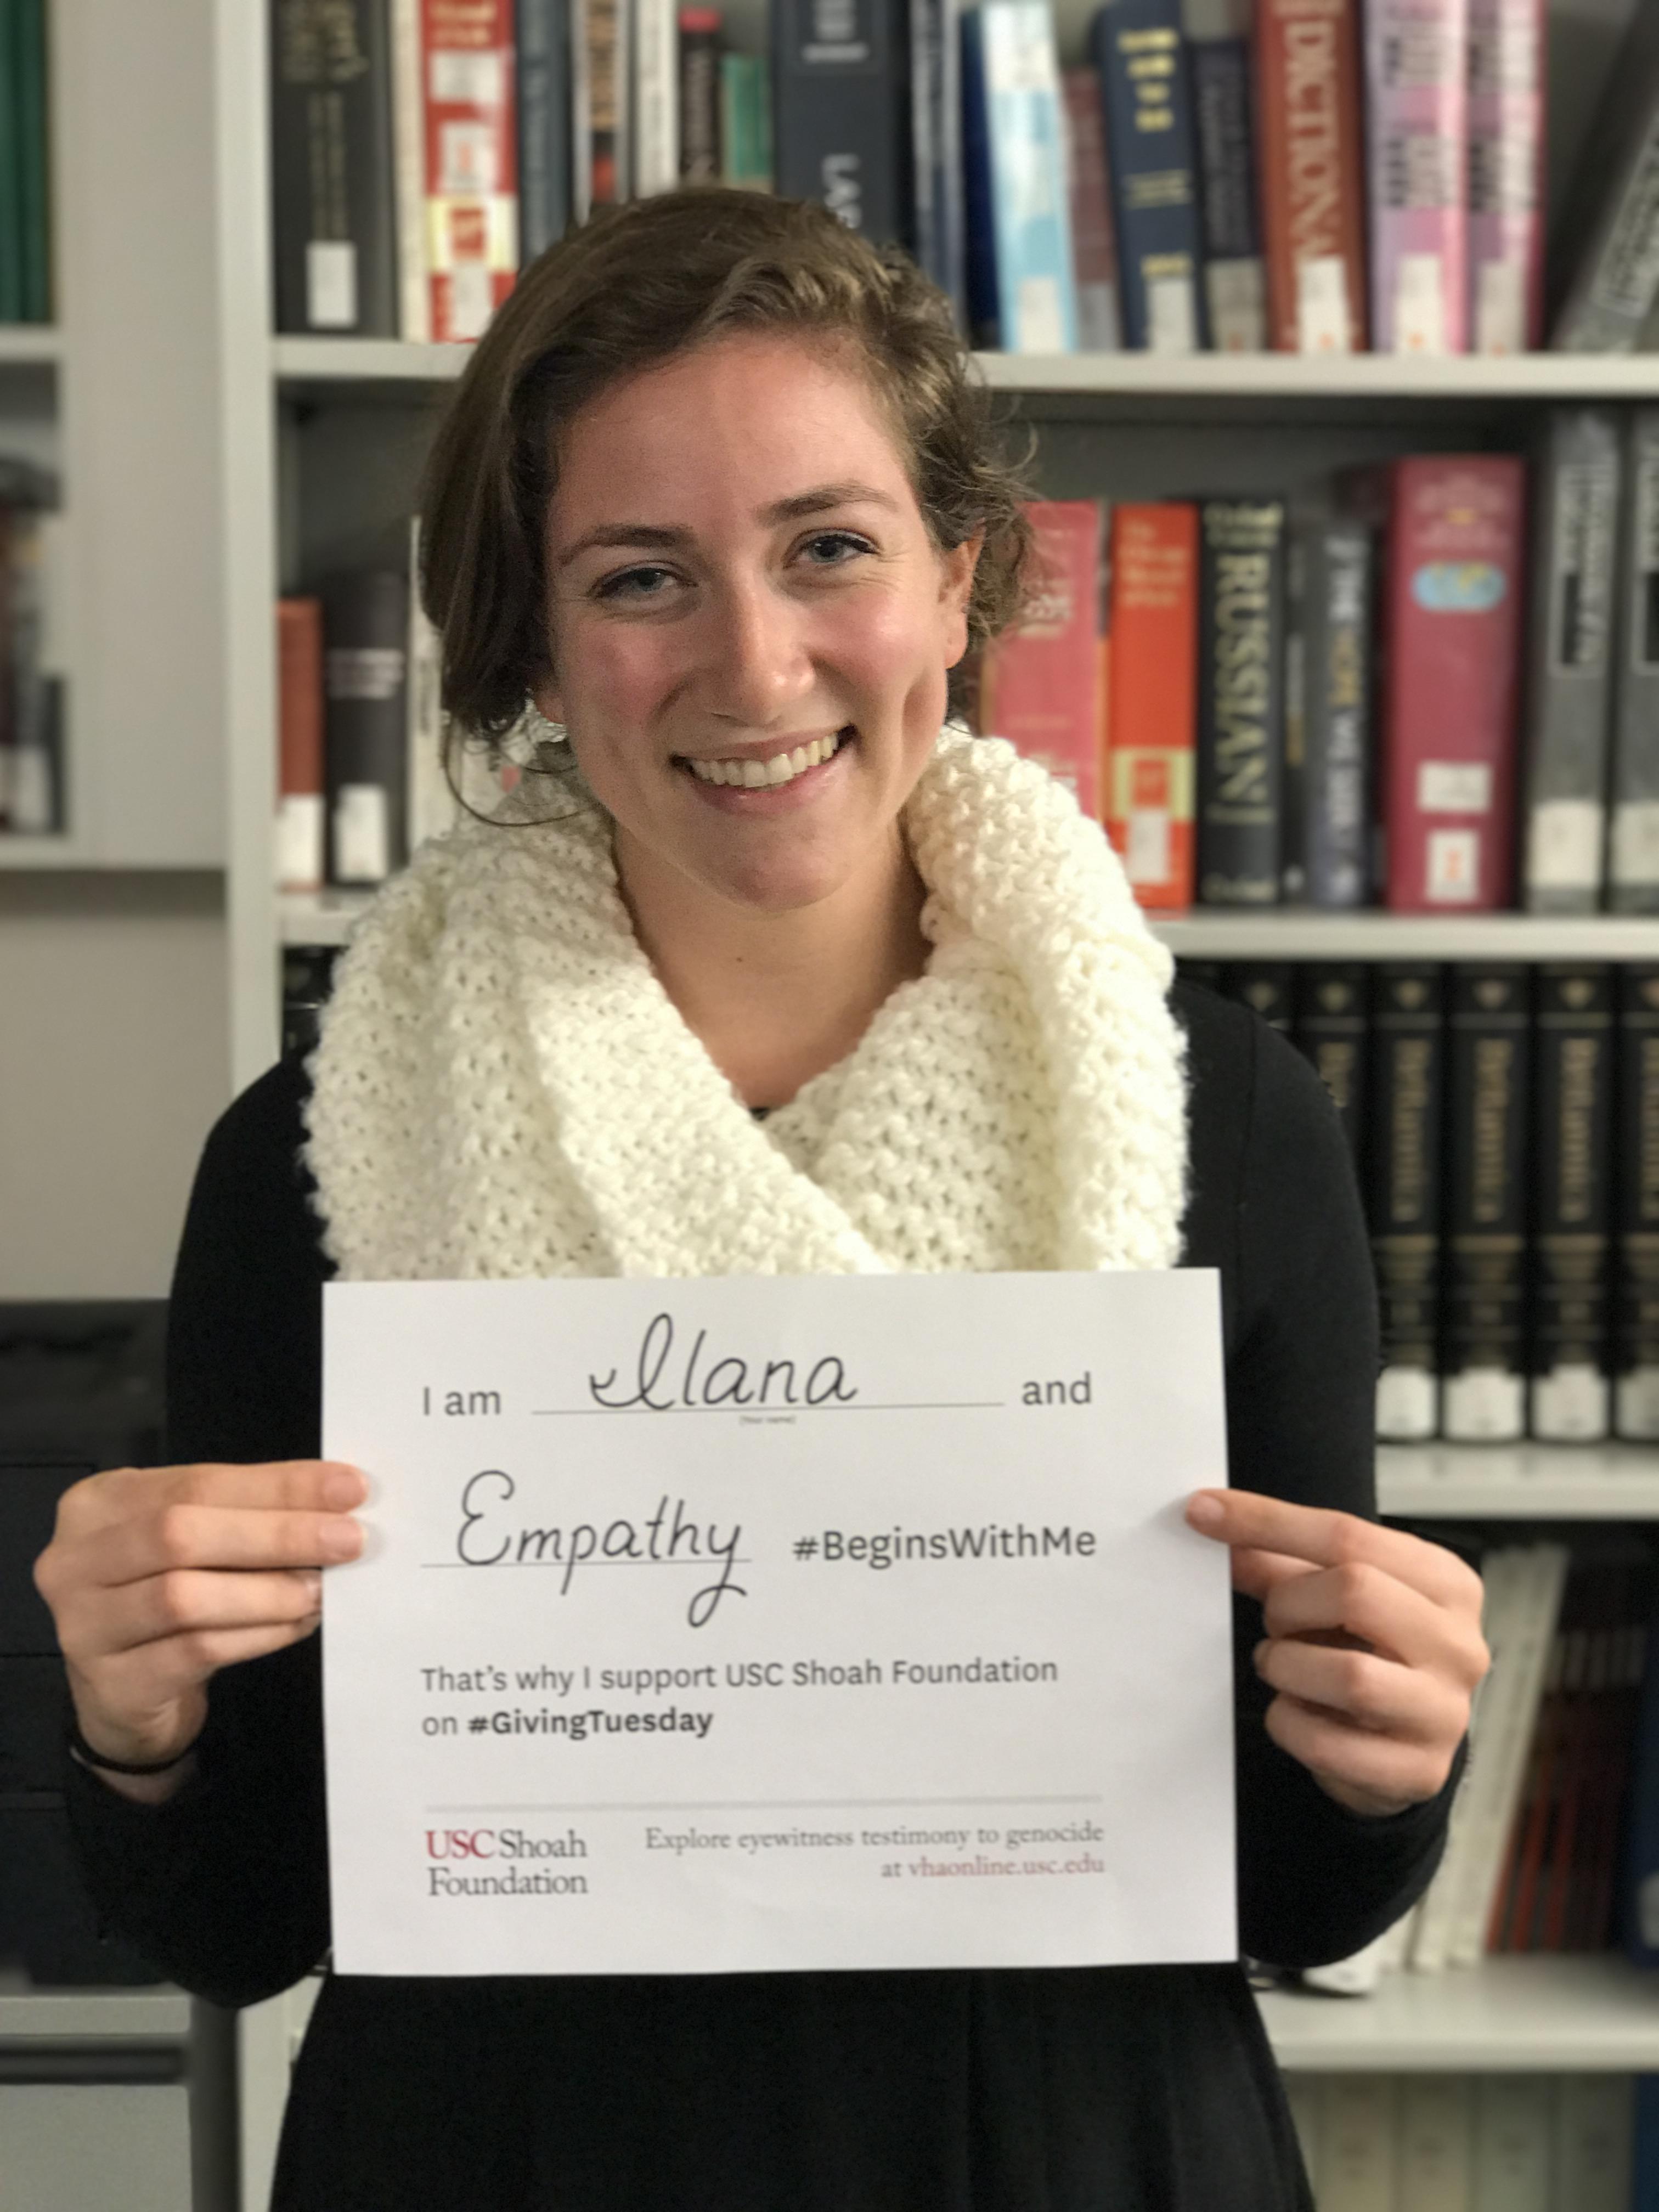 Ilana Rabin - Empathy #BeginsWithMe